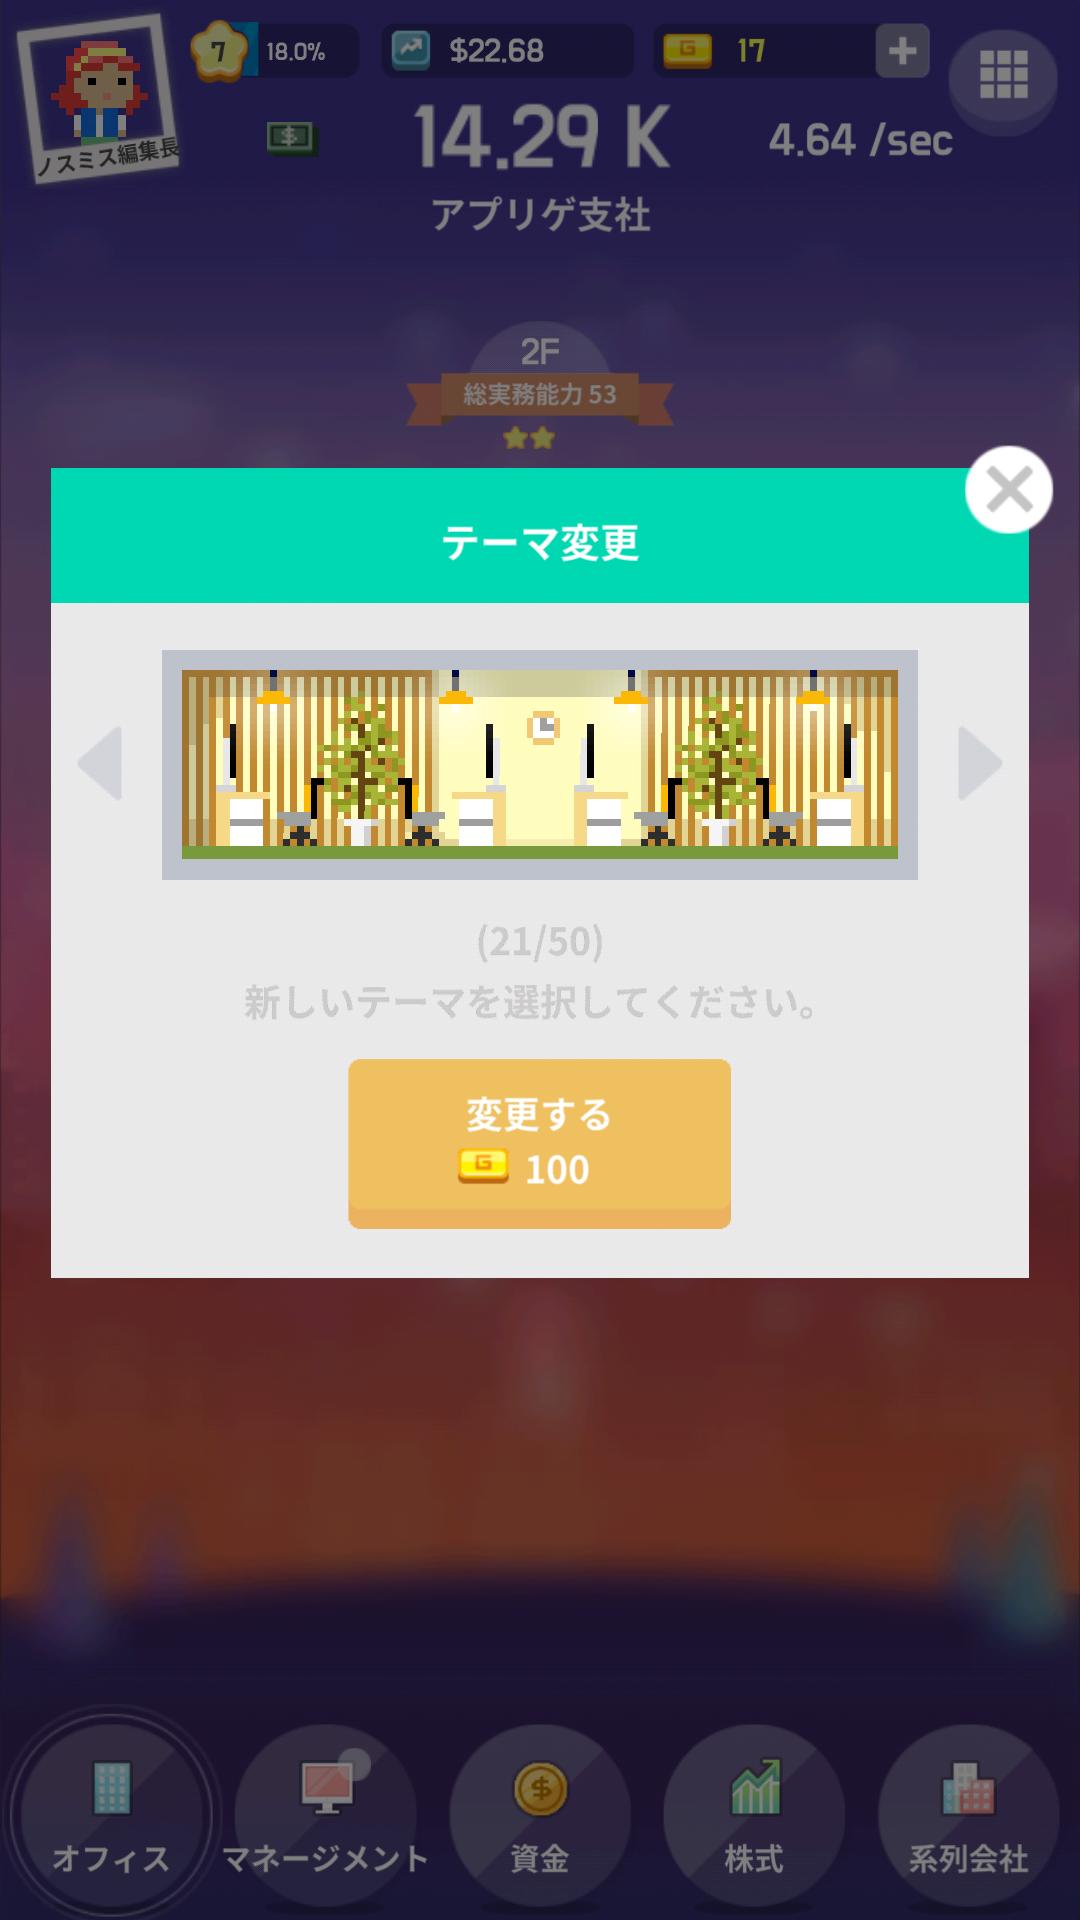 androidアプリ シリコンバレー : ビリオネラー攻略スクリーンショット5